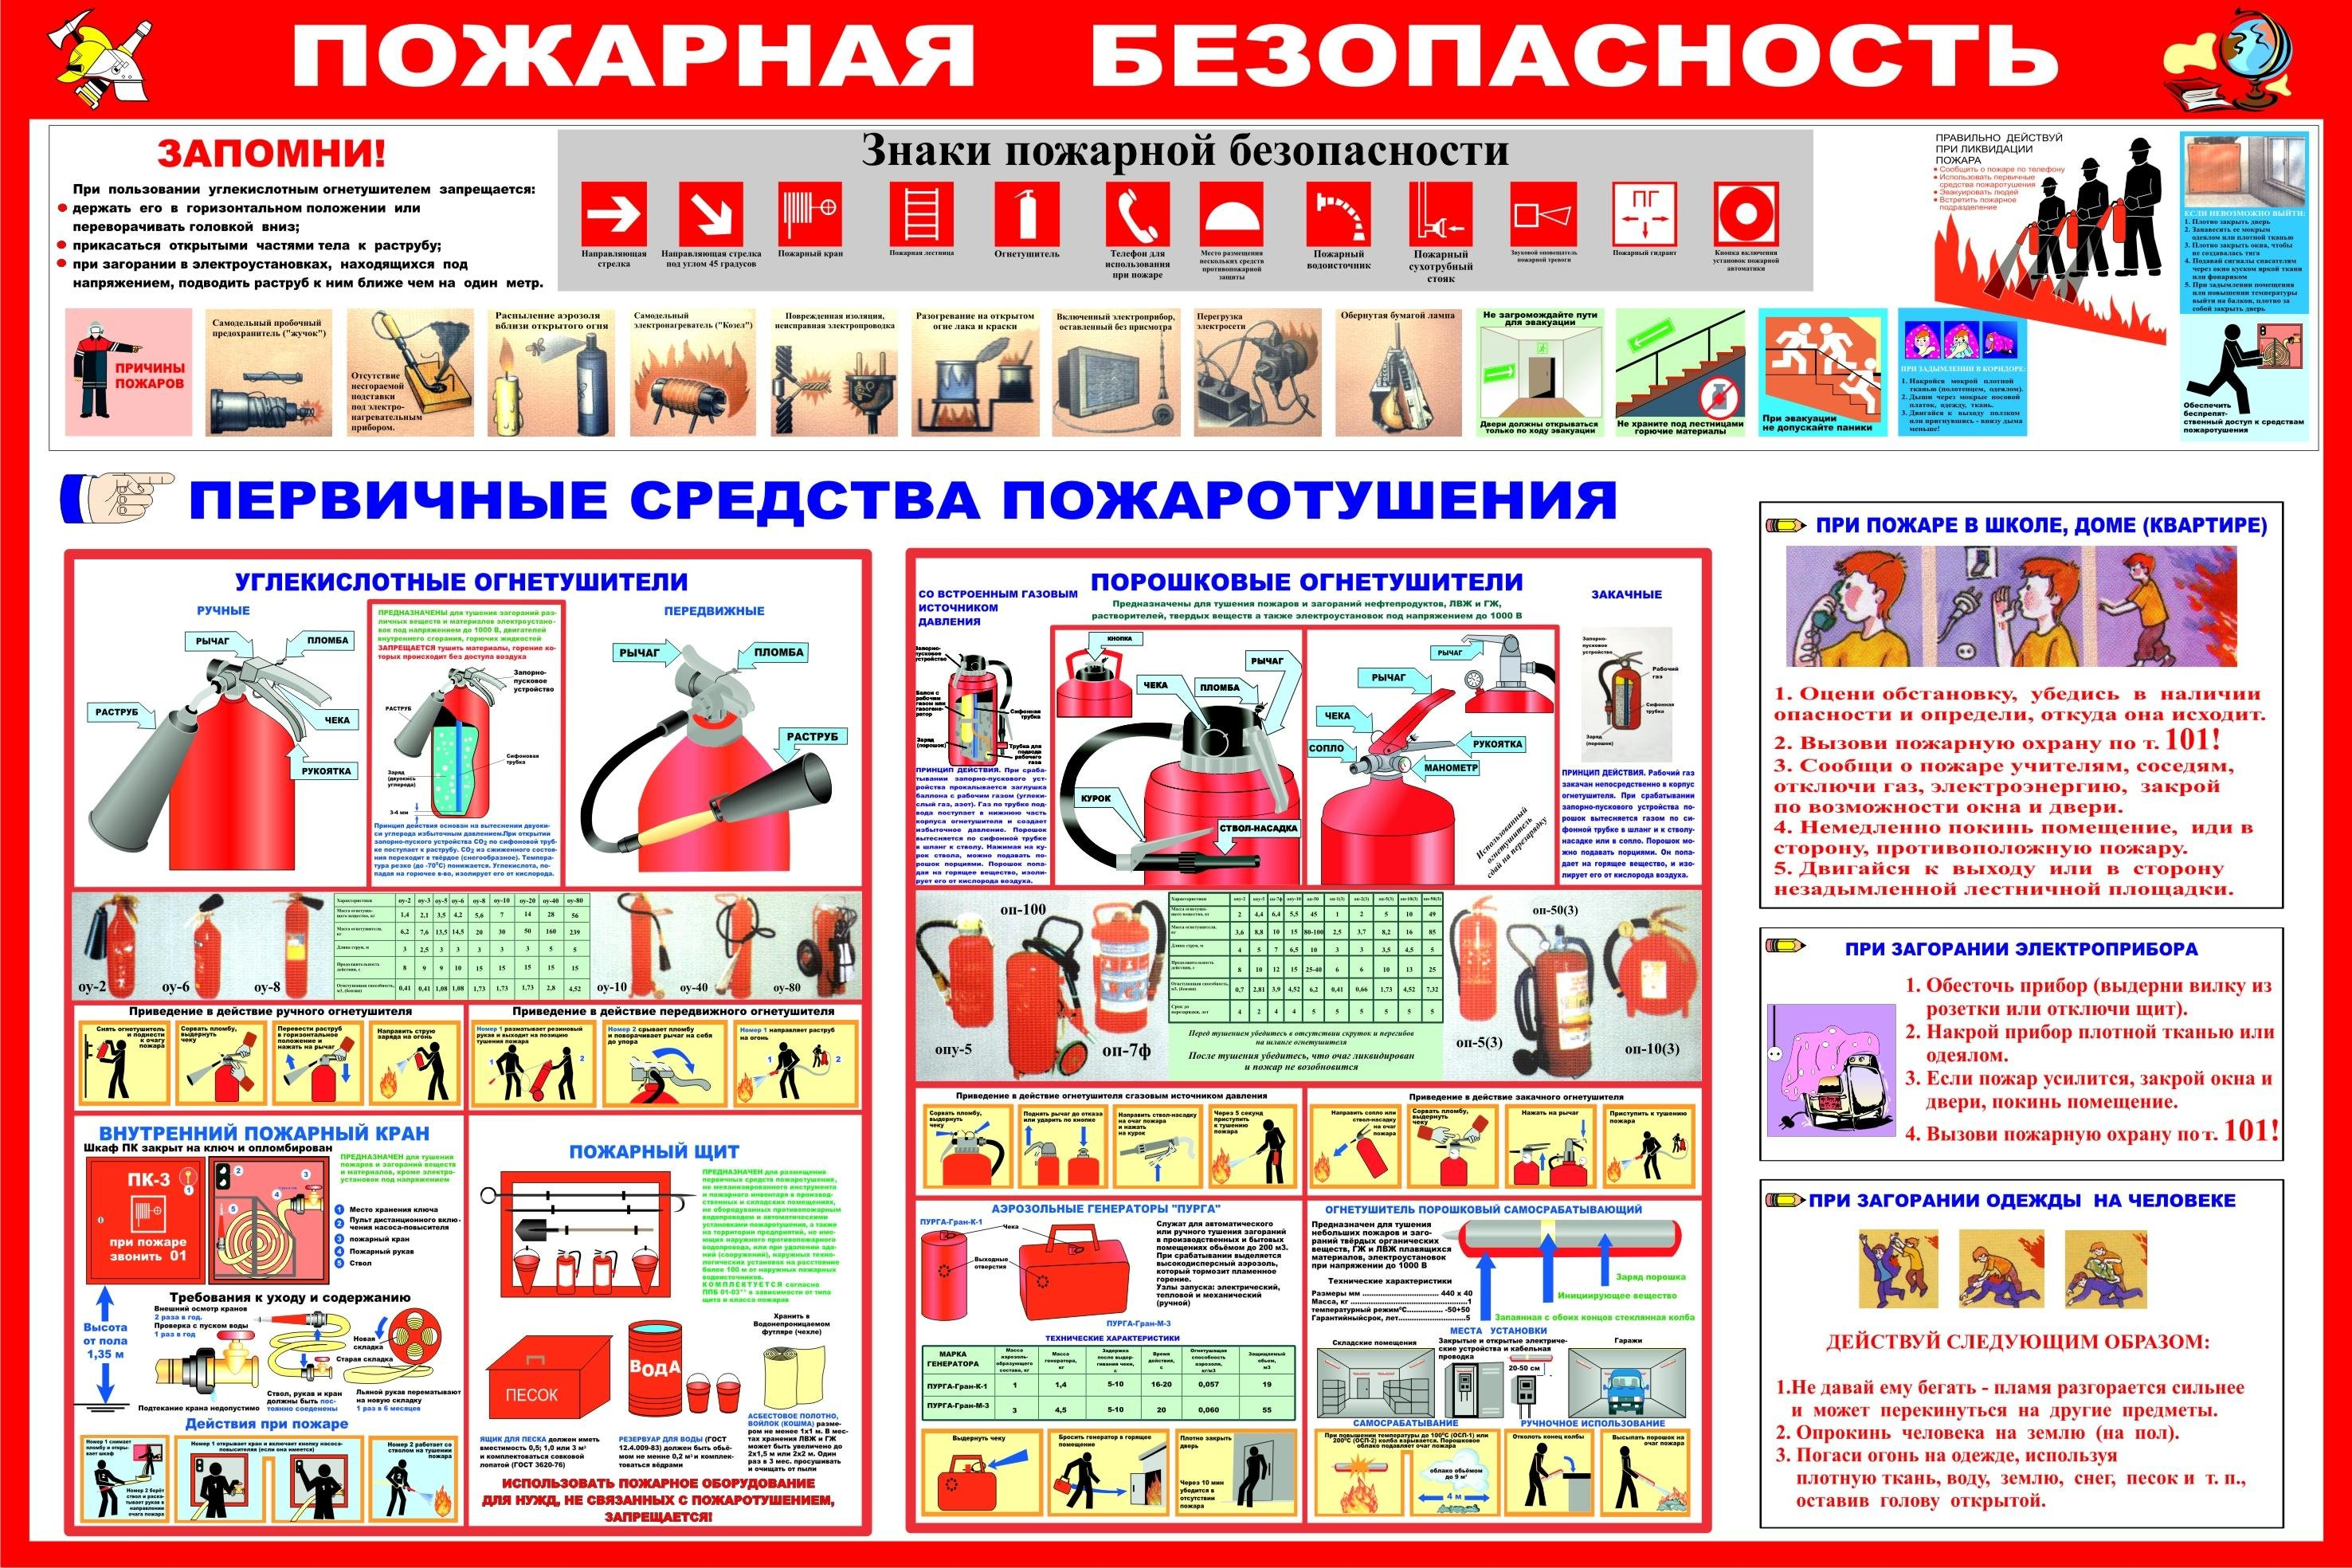 инструкции пожарной безопасности в больницах